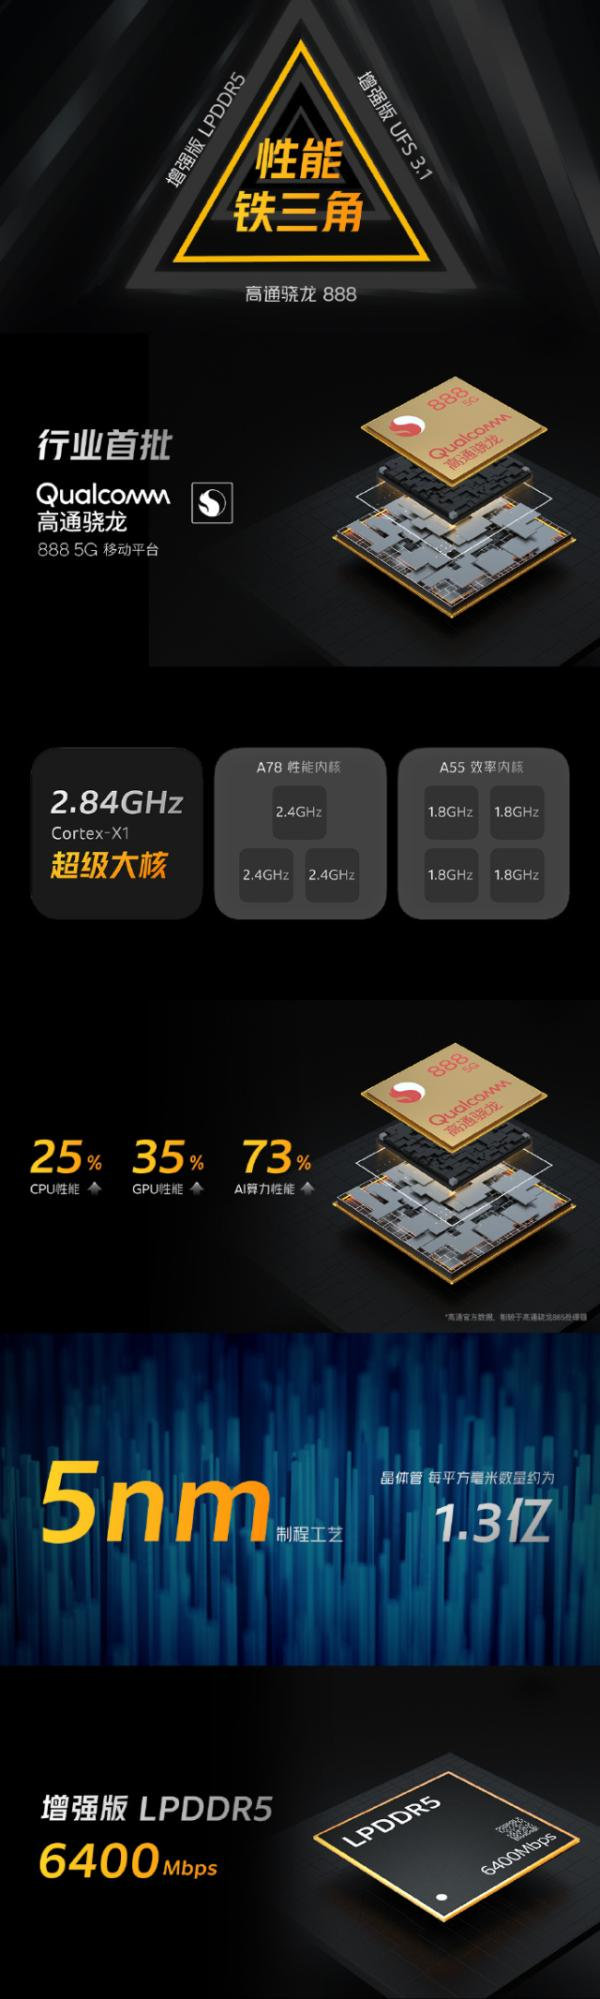 iQOO 7 正式发布:配备骁龙888 支持120Hz高刷及120W超级闪充 3798元起售